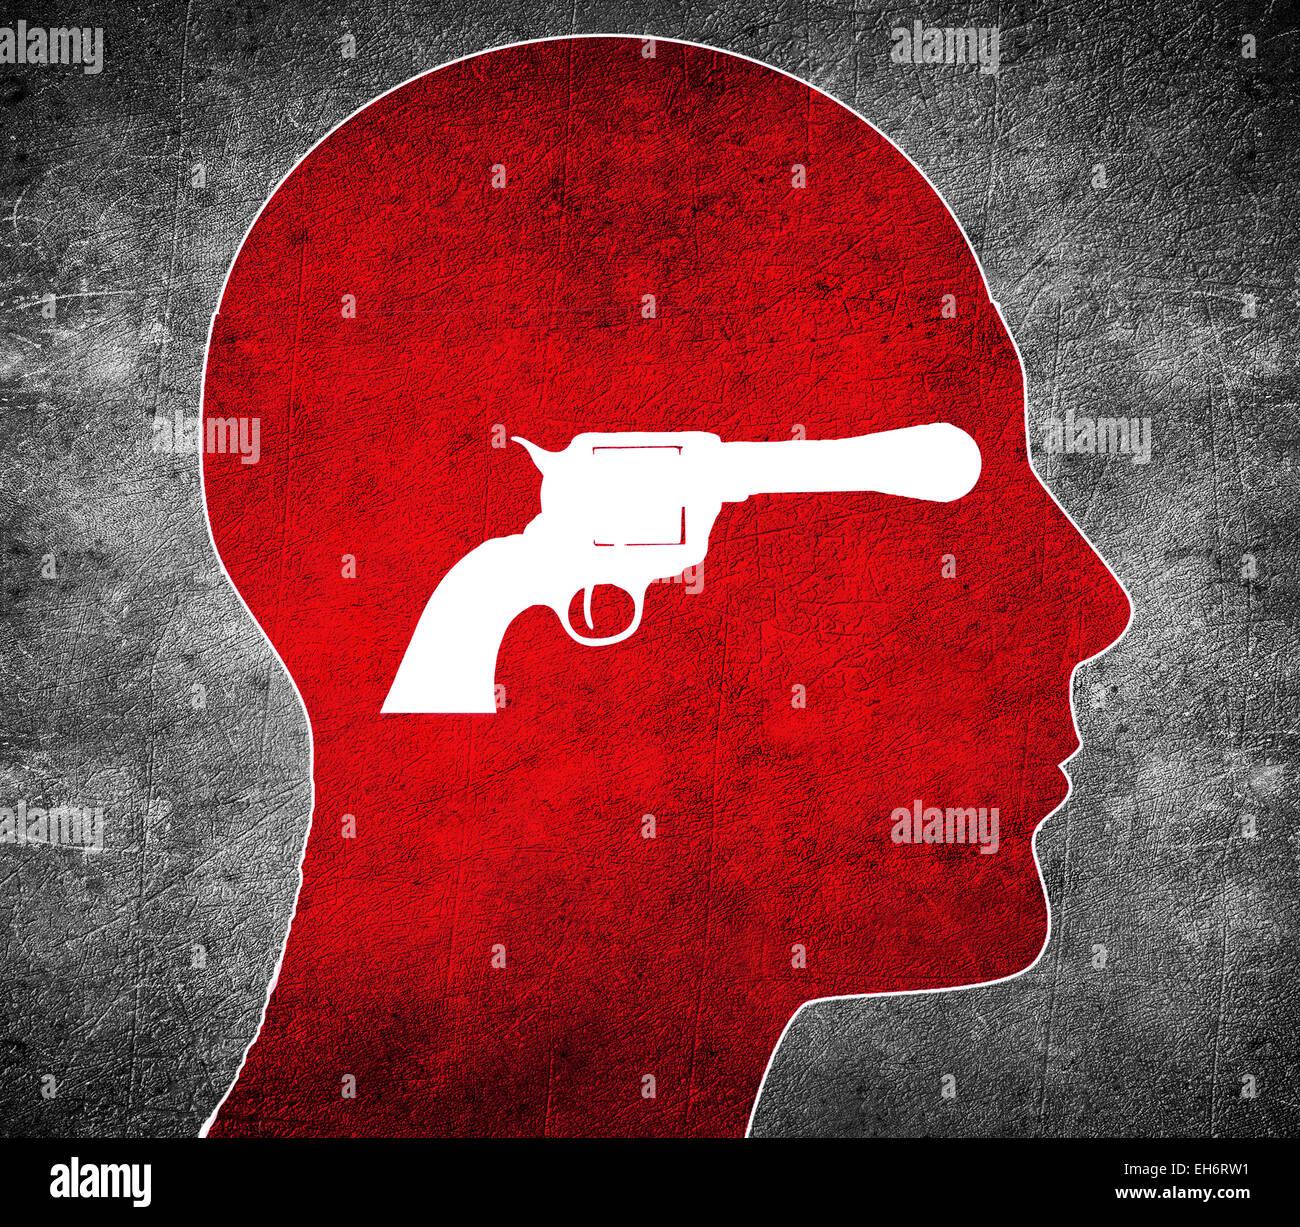 Silueta roja cabeza con arma blanca Imagen De Stock